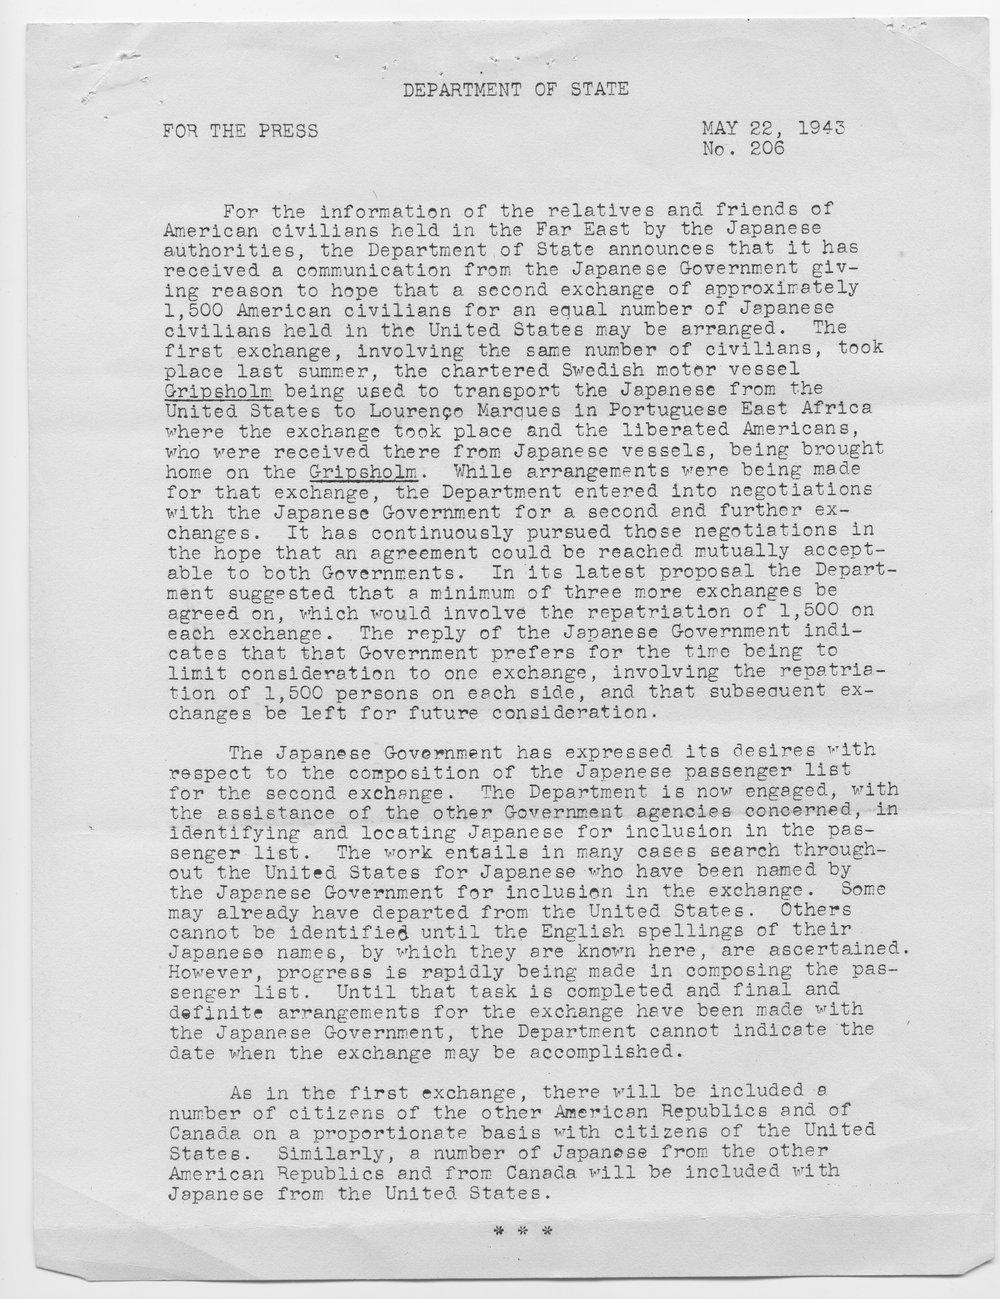 Cordell Hull to Senator Arthur Capper - 3